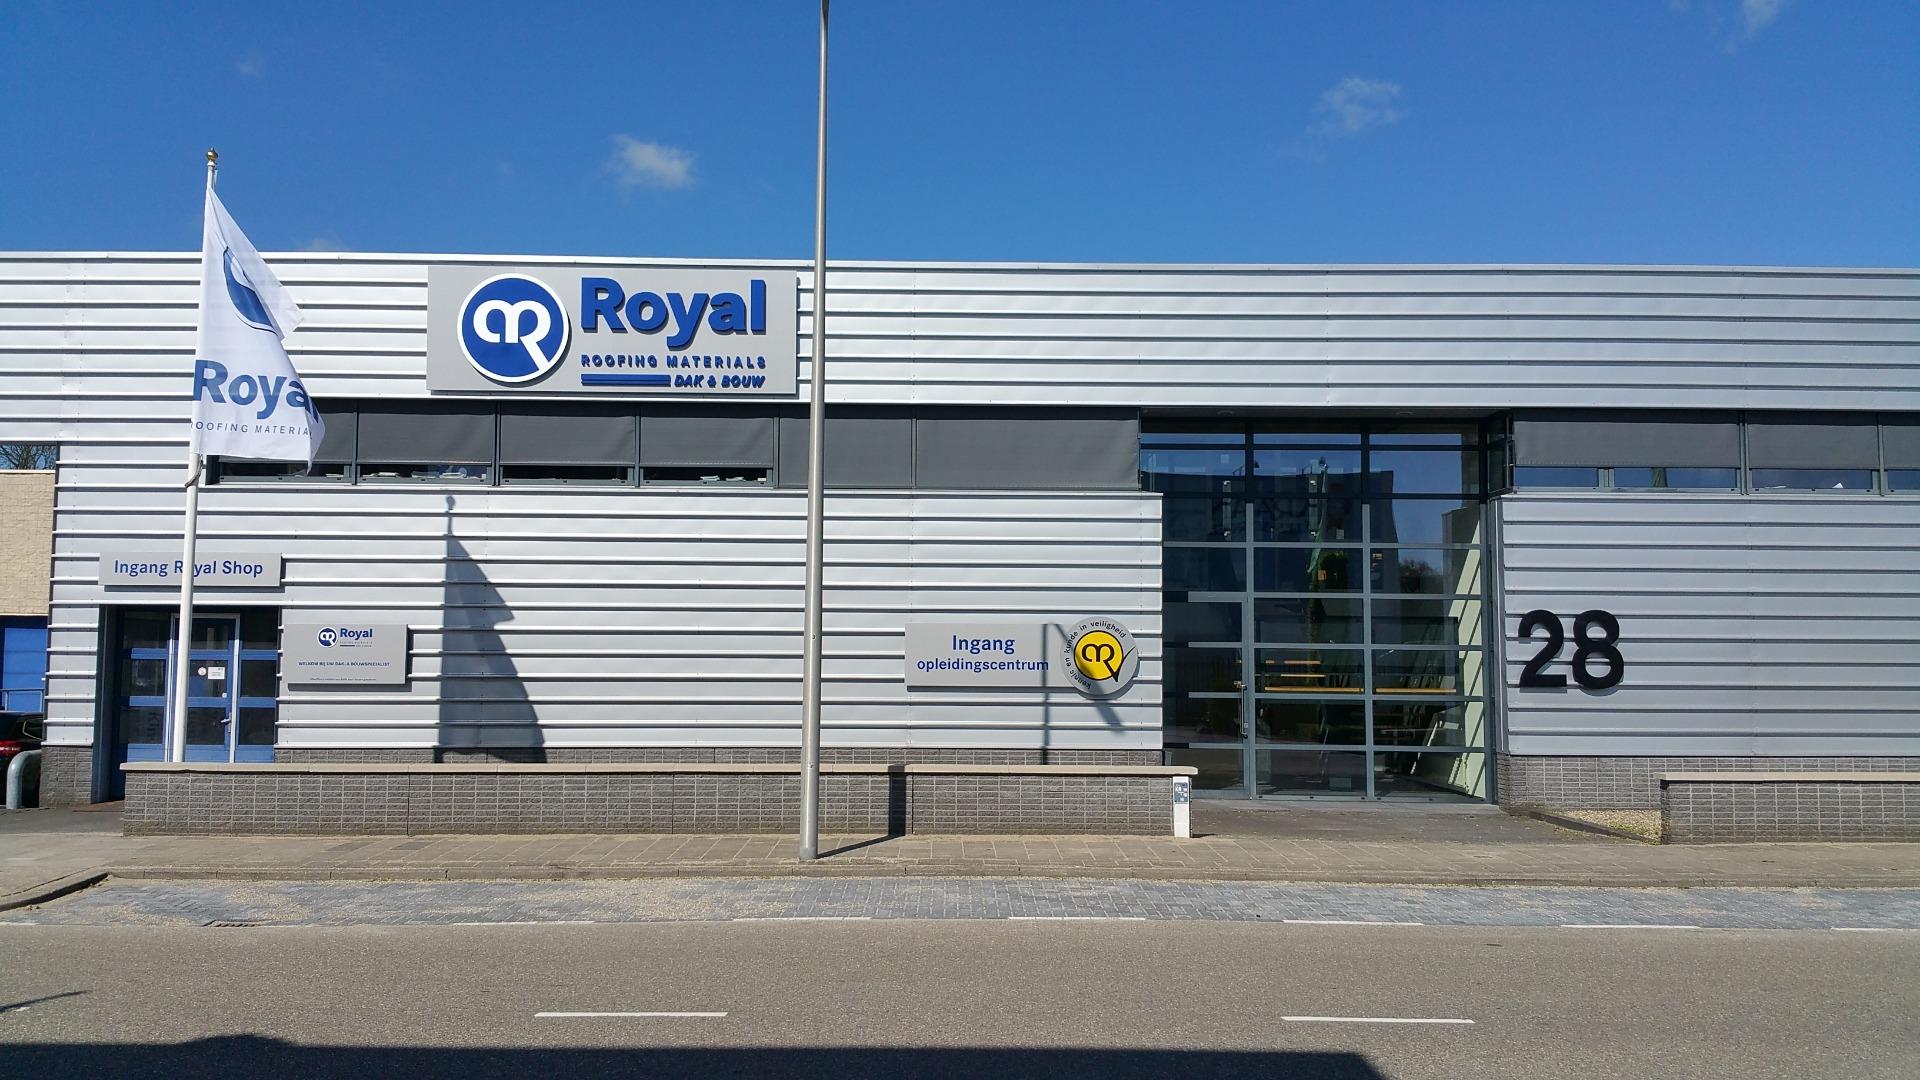 Royal dak & bouw Utrecht aan de Tennesseedreef 28.